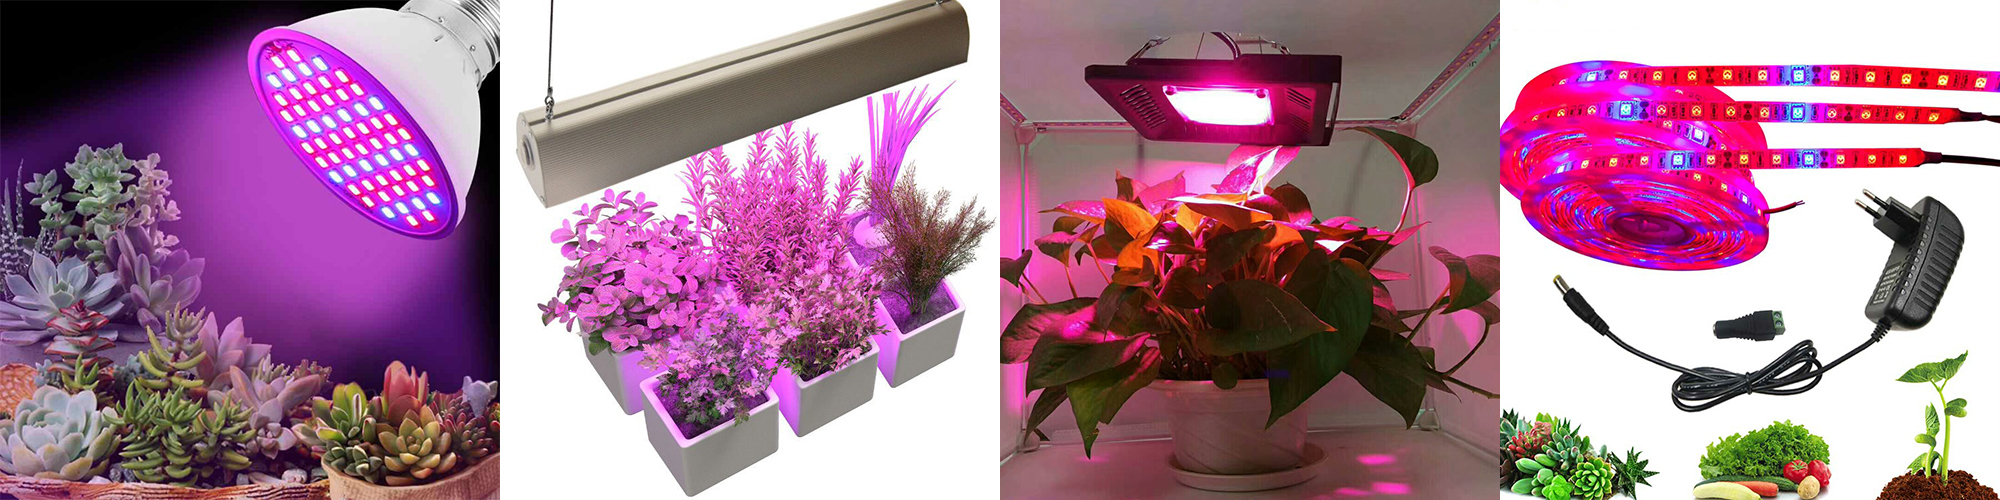 Виды светодиодных устройств для освещения растений